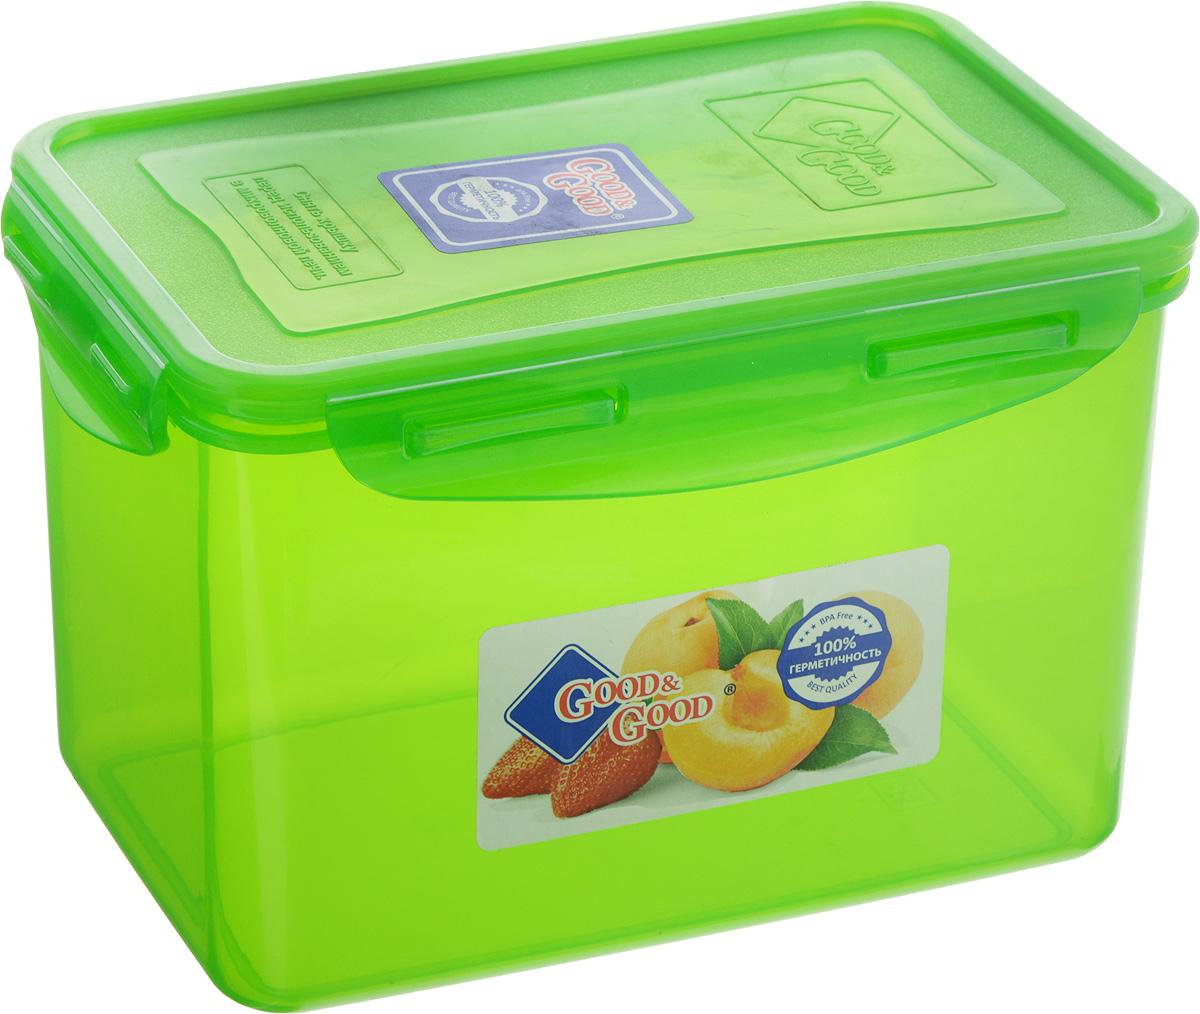 Контейнер пищевой Good&Good, цвет: зеленый, 2,2 л3-3/COLORS_зеленыйПрямоугольный контейнер Good&Good изготовлен из высококачественного полипропилена и предназначен для хранения любых пищевых продуктов. Благодаря особым технологиям изготовления, лотки в течение времени службы не меняют цвет и не пропитываются запахами. Крышка с силиконовой вставкой герметично защелкивается специальным механизмом. Контейнер Good&Good удобен для ежедневного использования в быту. Можно мыть в посудомоечной машине и использовать в микроволновой печи. Размер контейнера (с учетом крышки): 20 х 13,5 х 13 см.